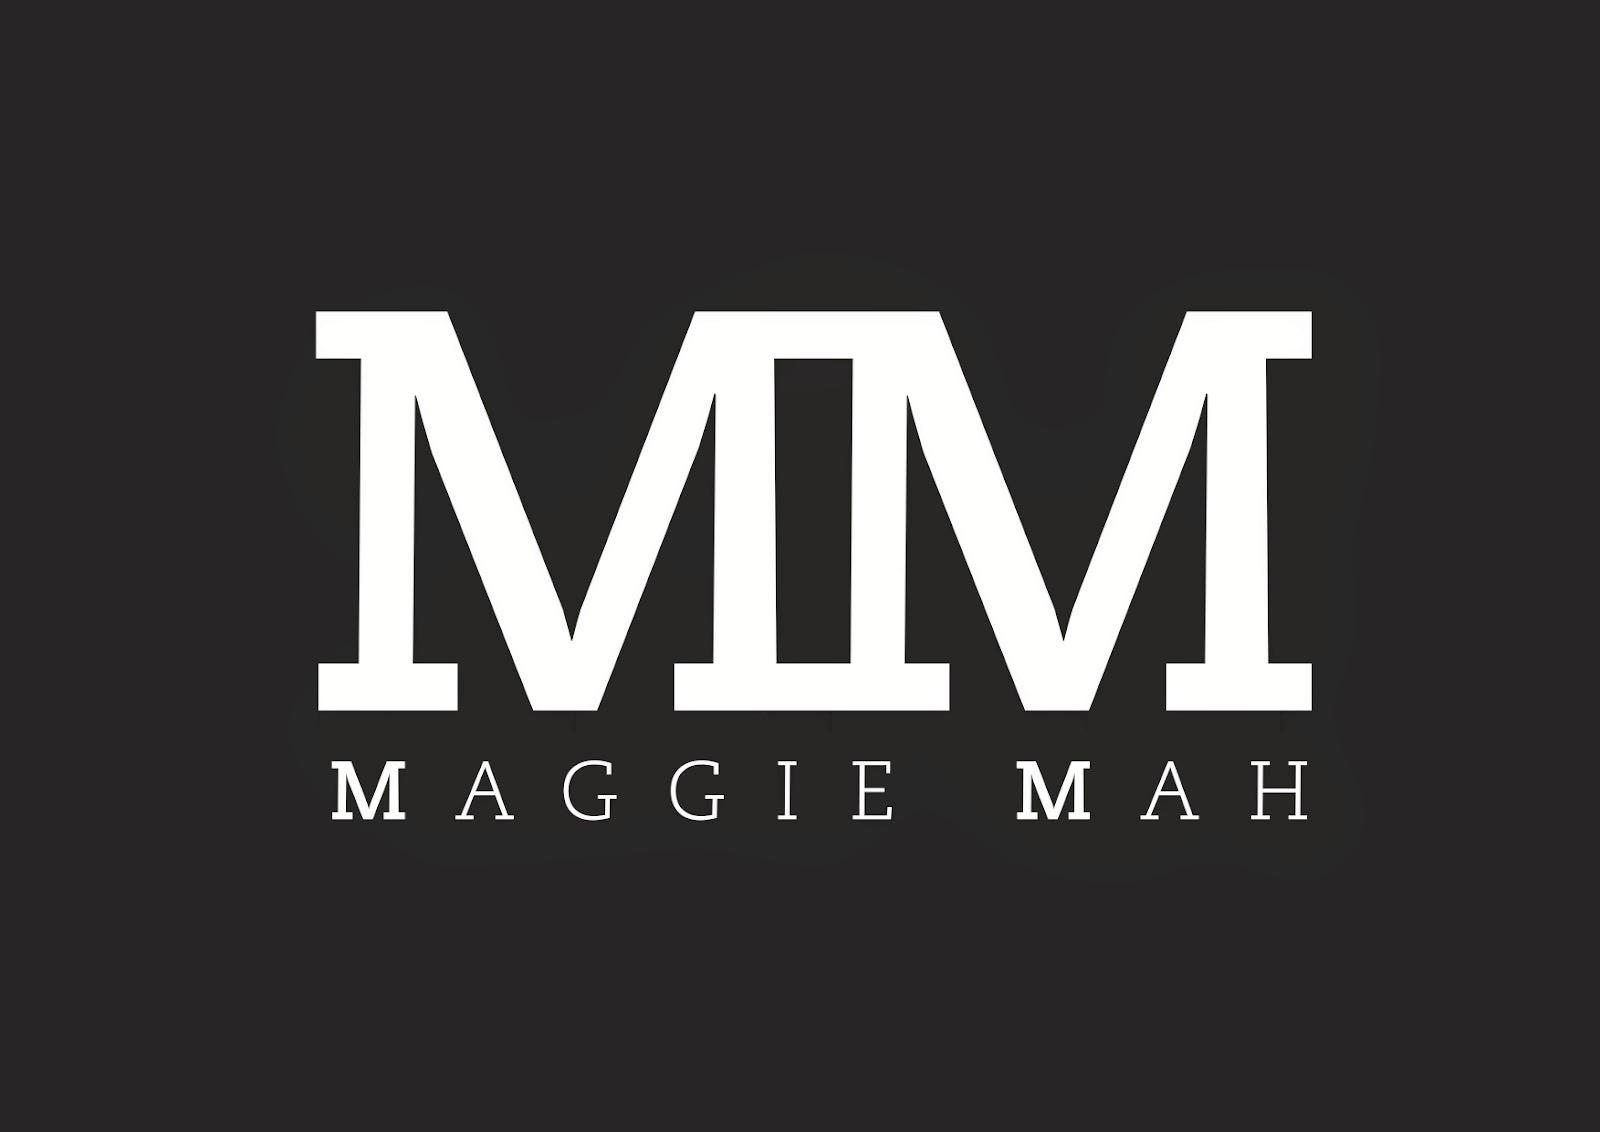 Maggie Mah